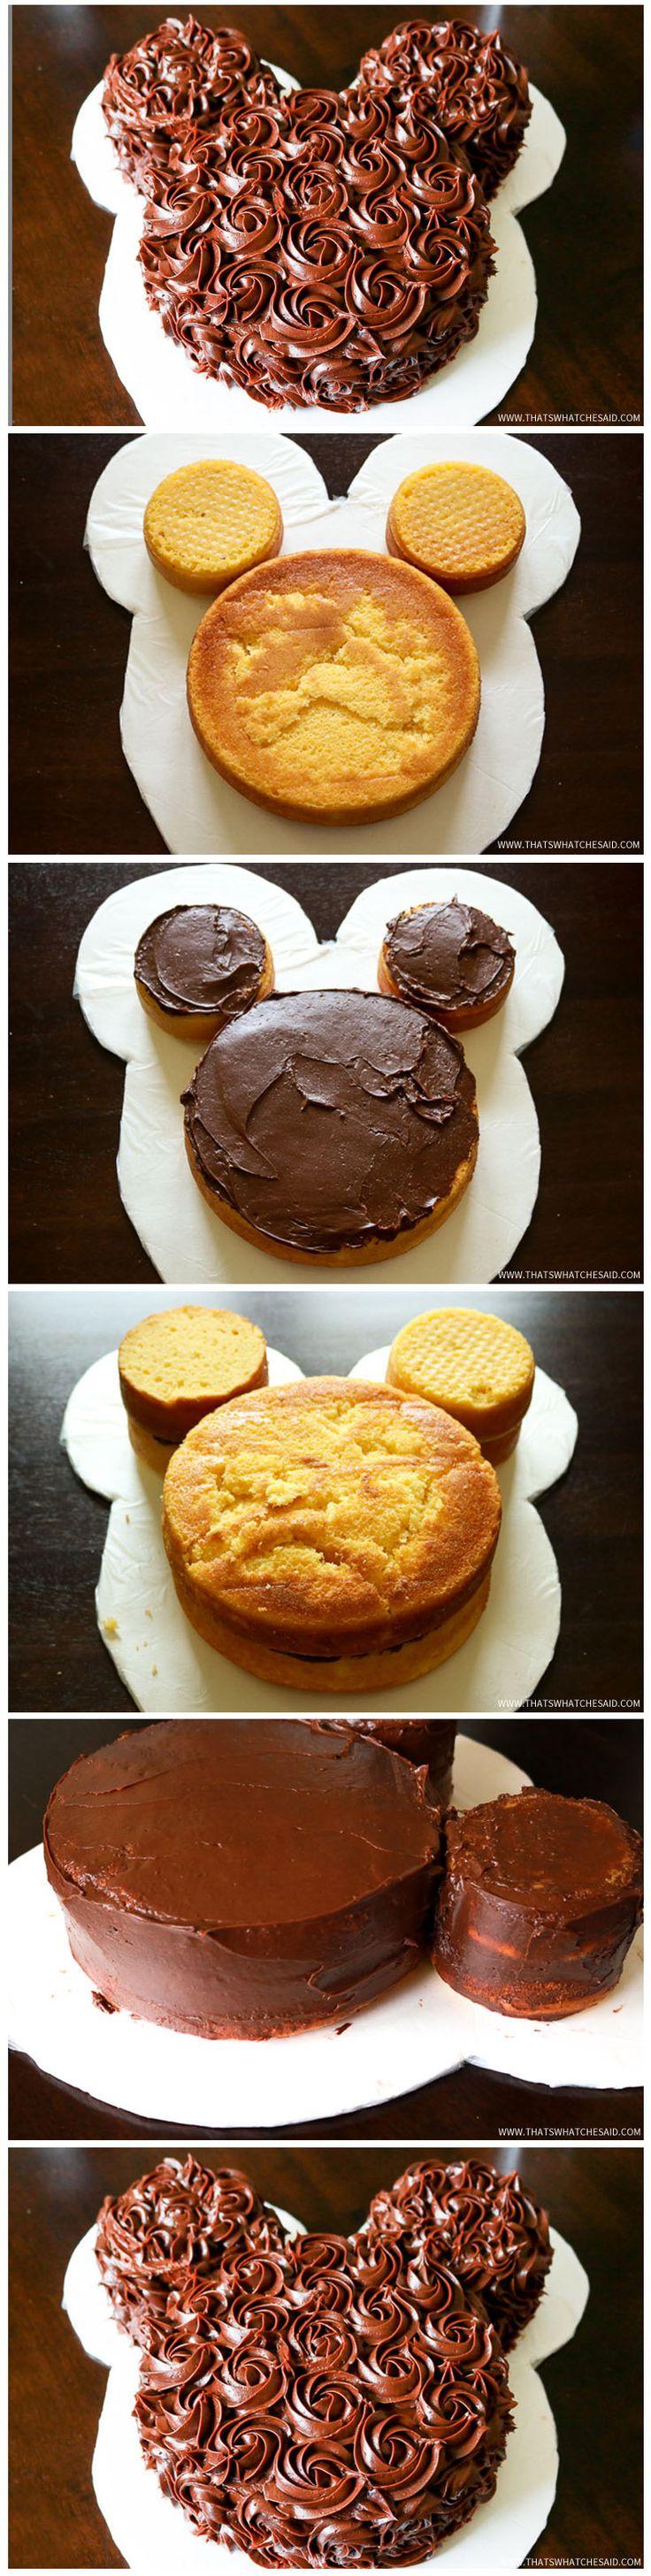 Idée de gâteau pour enfant en forme de Mickey avec des petites roses en chocolat en garniture. _ Mickey Mouse Cake Idea with small chocolate roses.